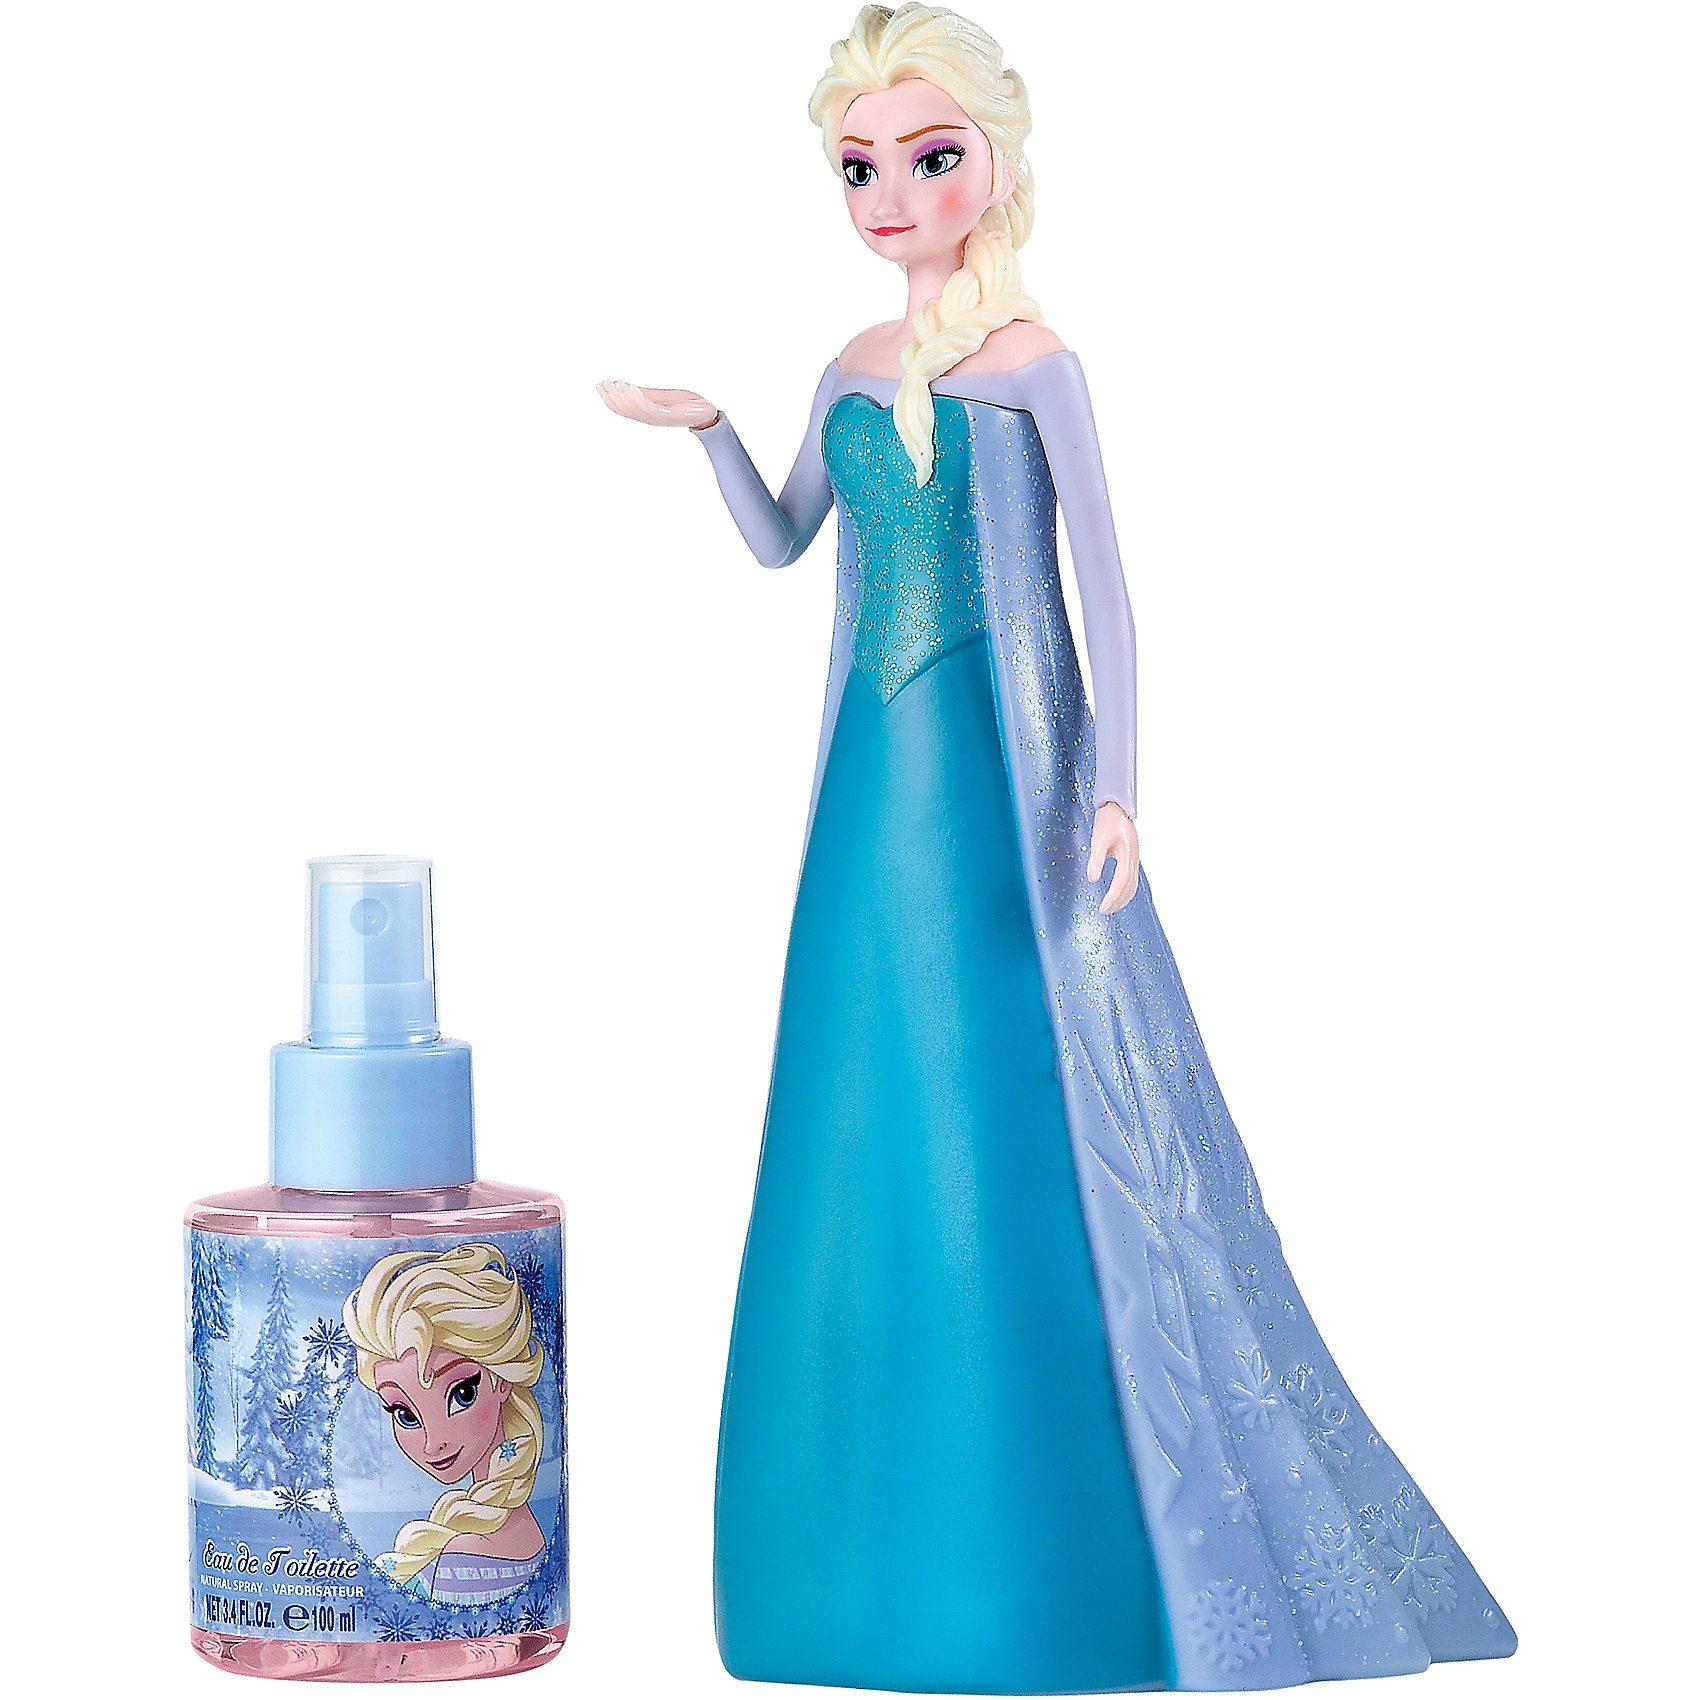 Eau de Toilette Frozen mit Elsa Figur, 100 ml